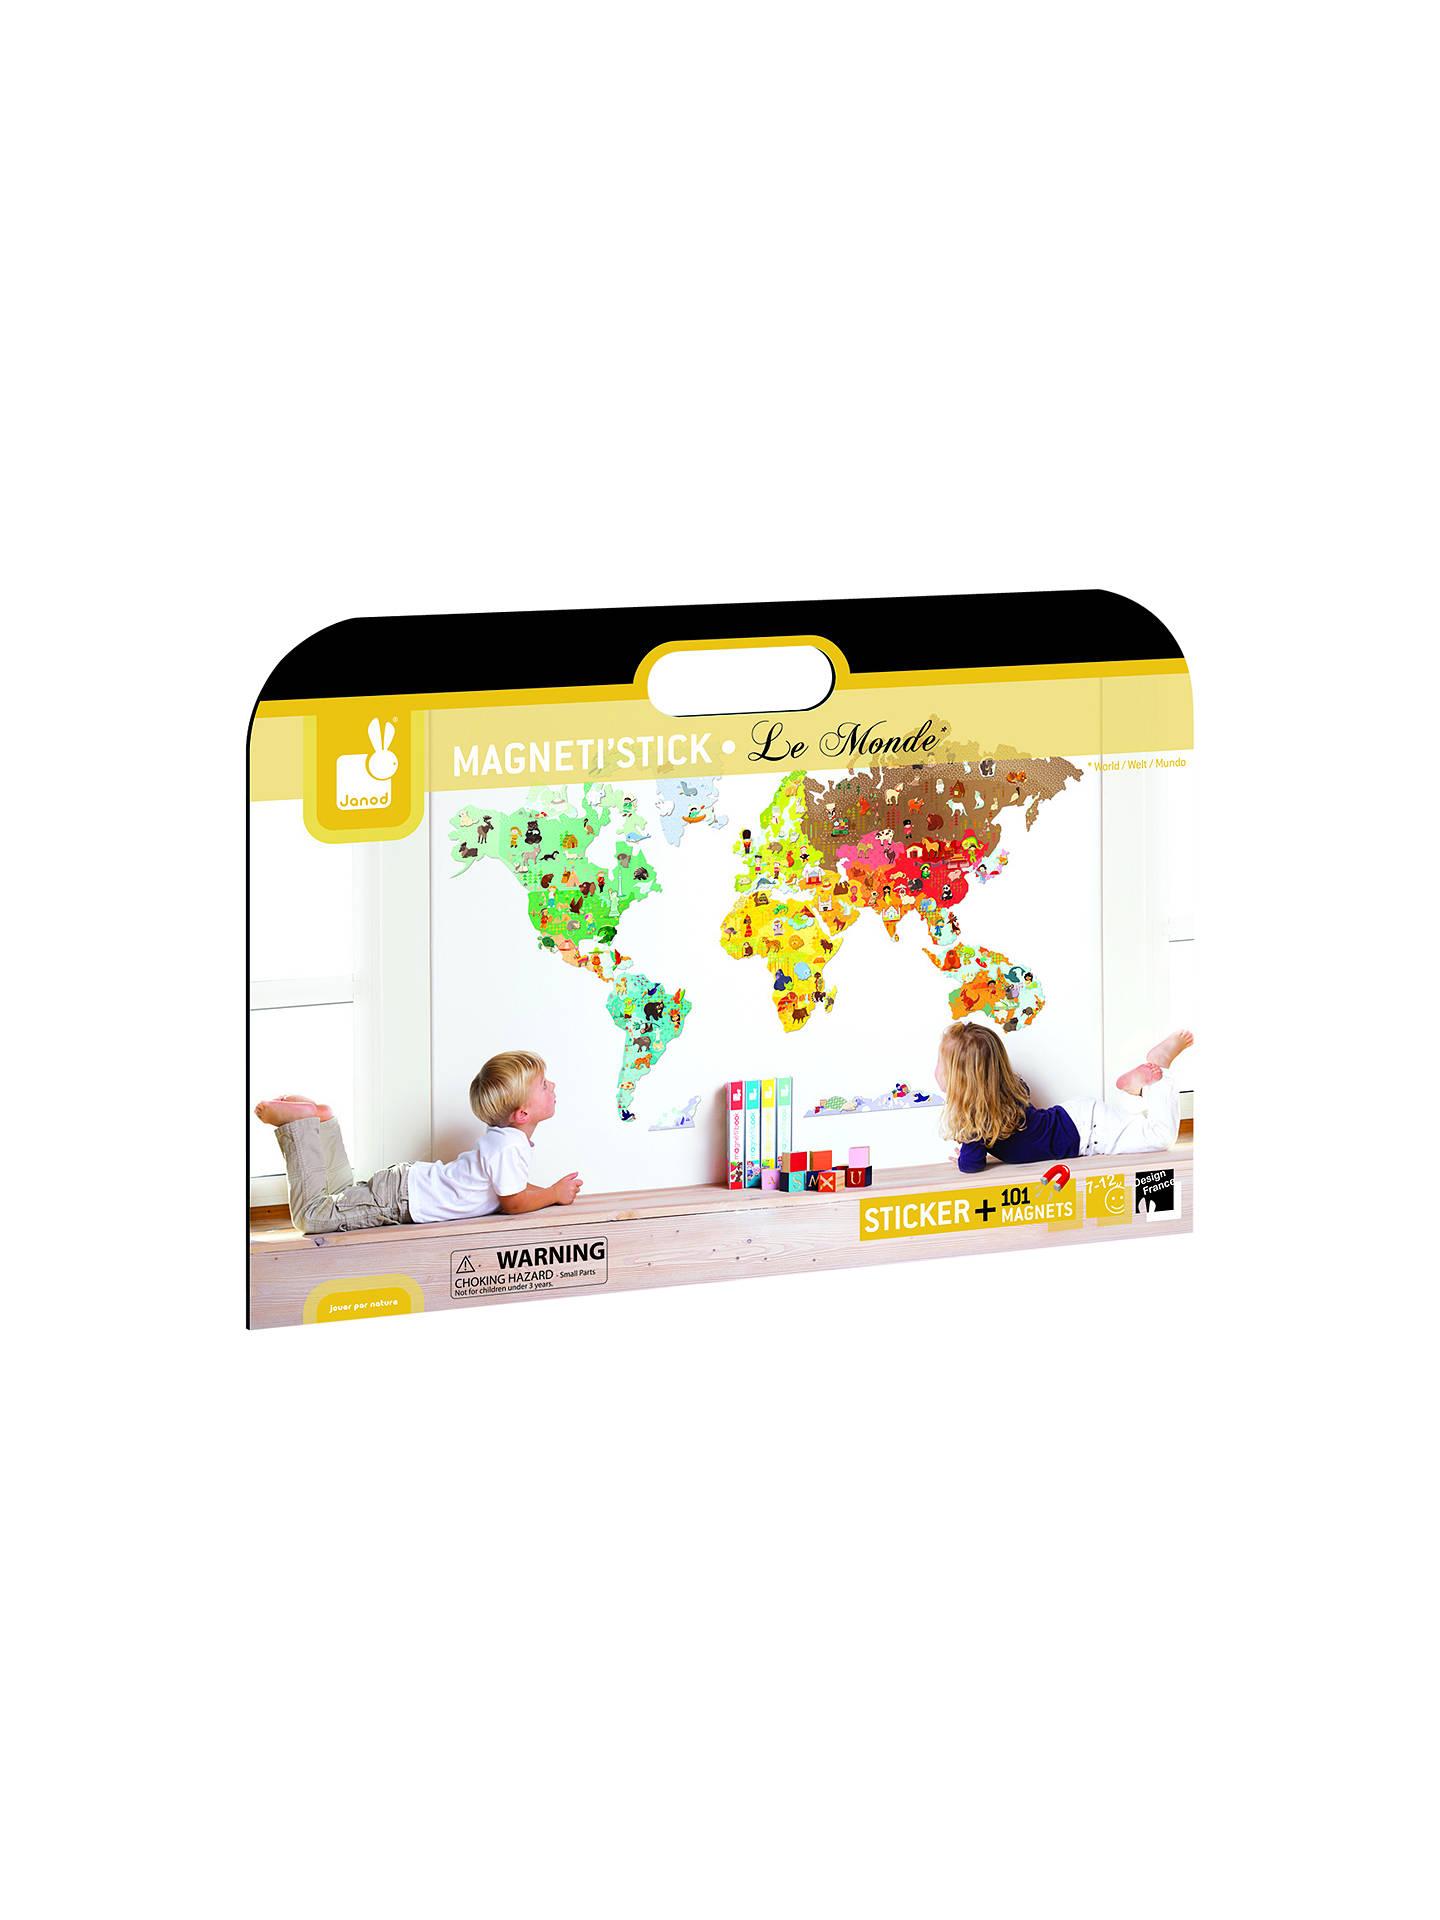 Janod World Map.Janod Magneti Stick World Map Wall Sticker At John Lewis Partners